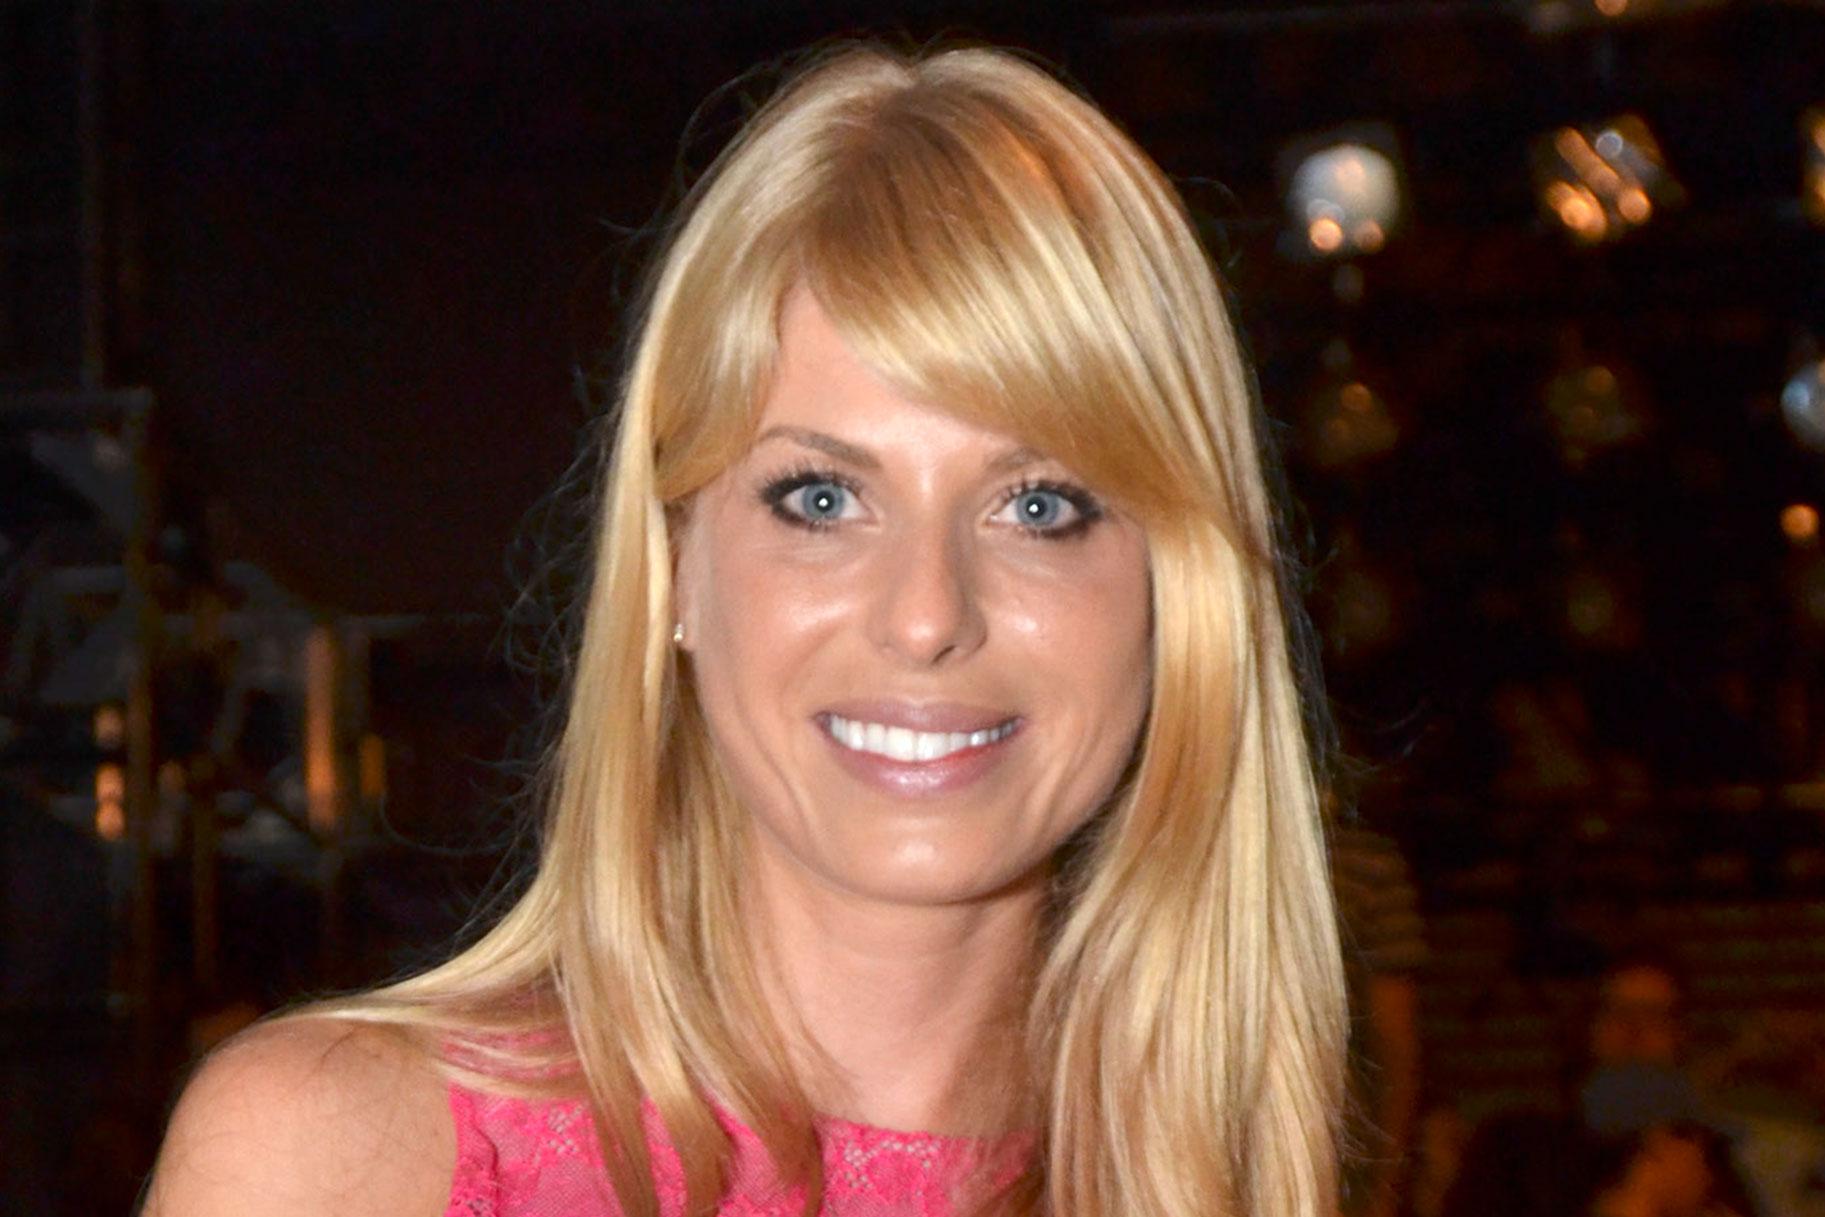 Se informa que el esposo de la modelo será acusado en relación con su muerte por ahogamiento